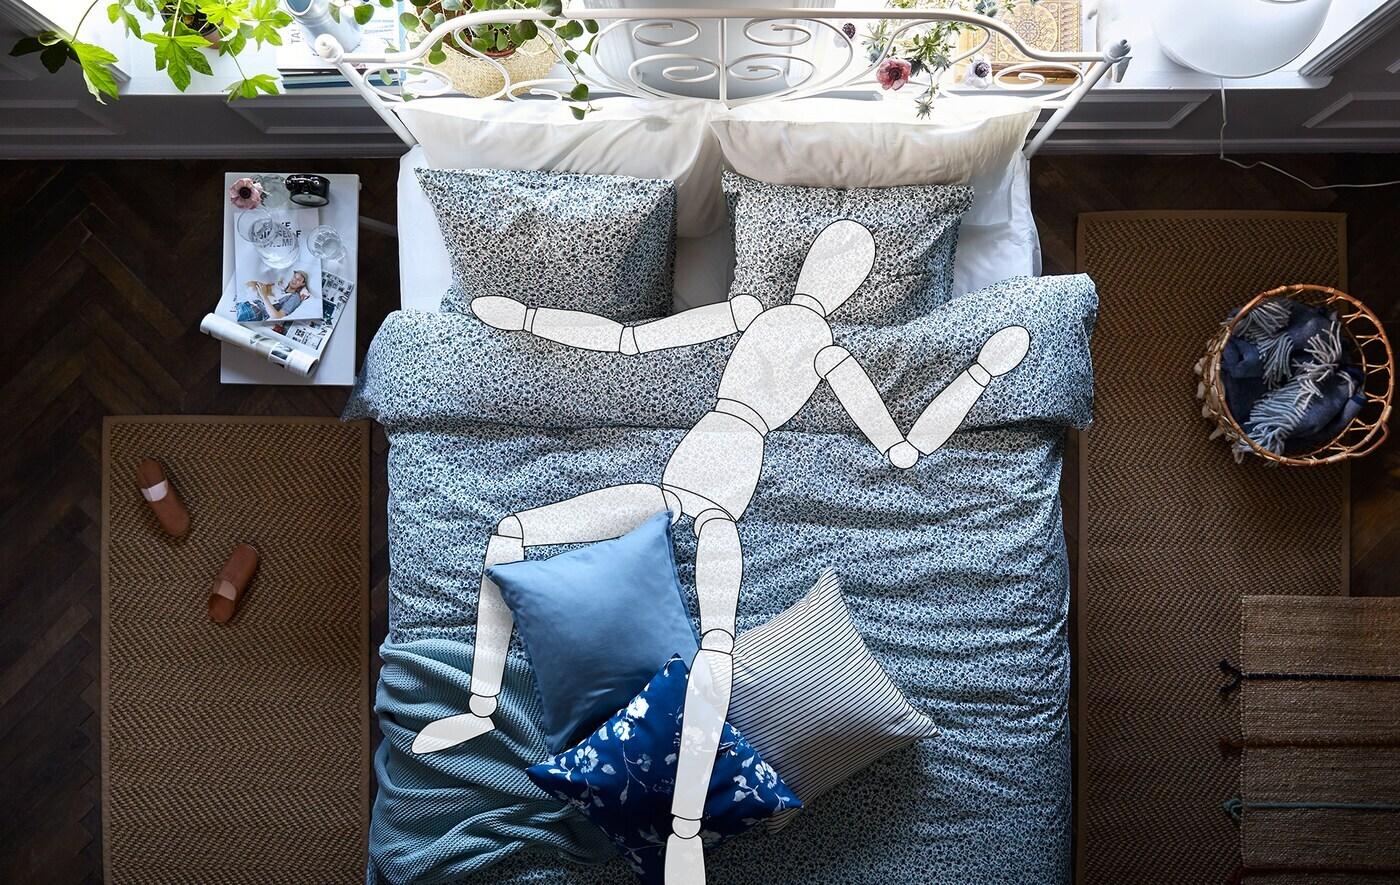 Ložnice s velkou postelí, na posteli je nakreslena postavička s roztaženýma rukama i nohama